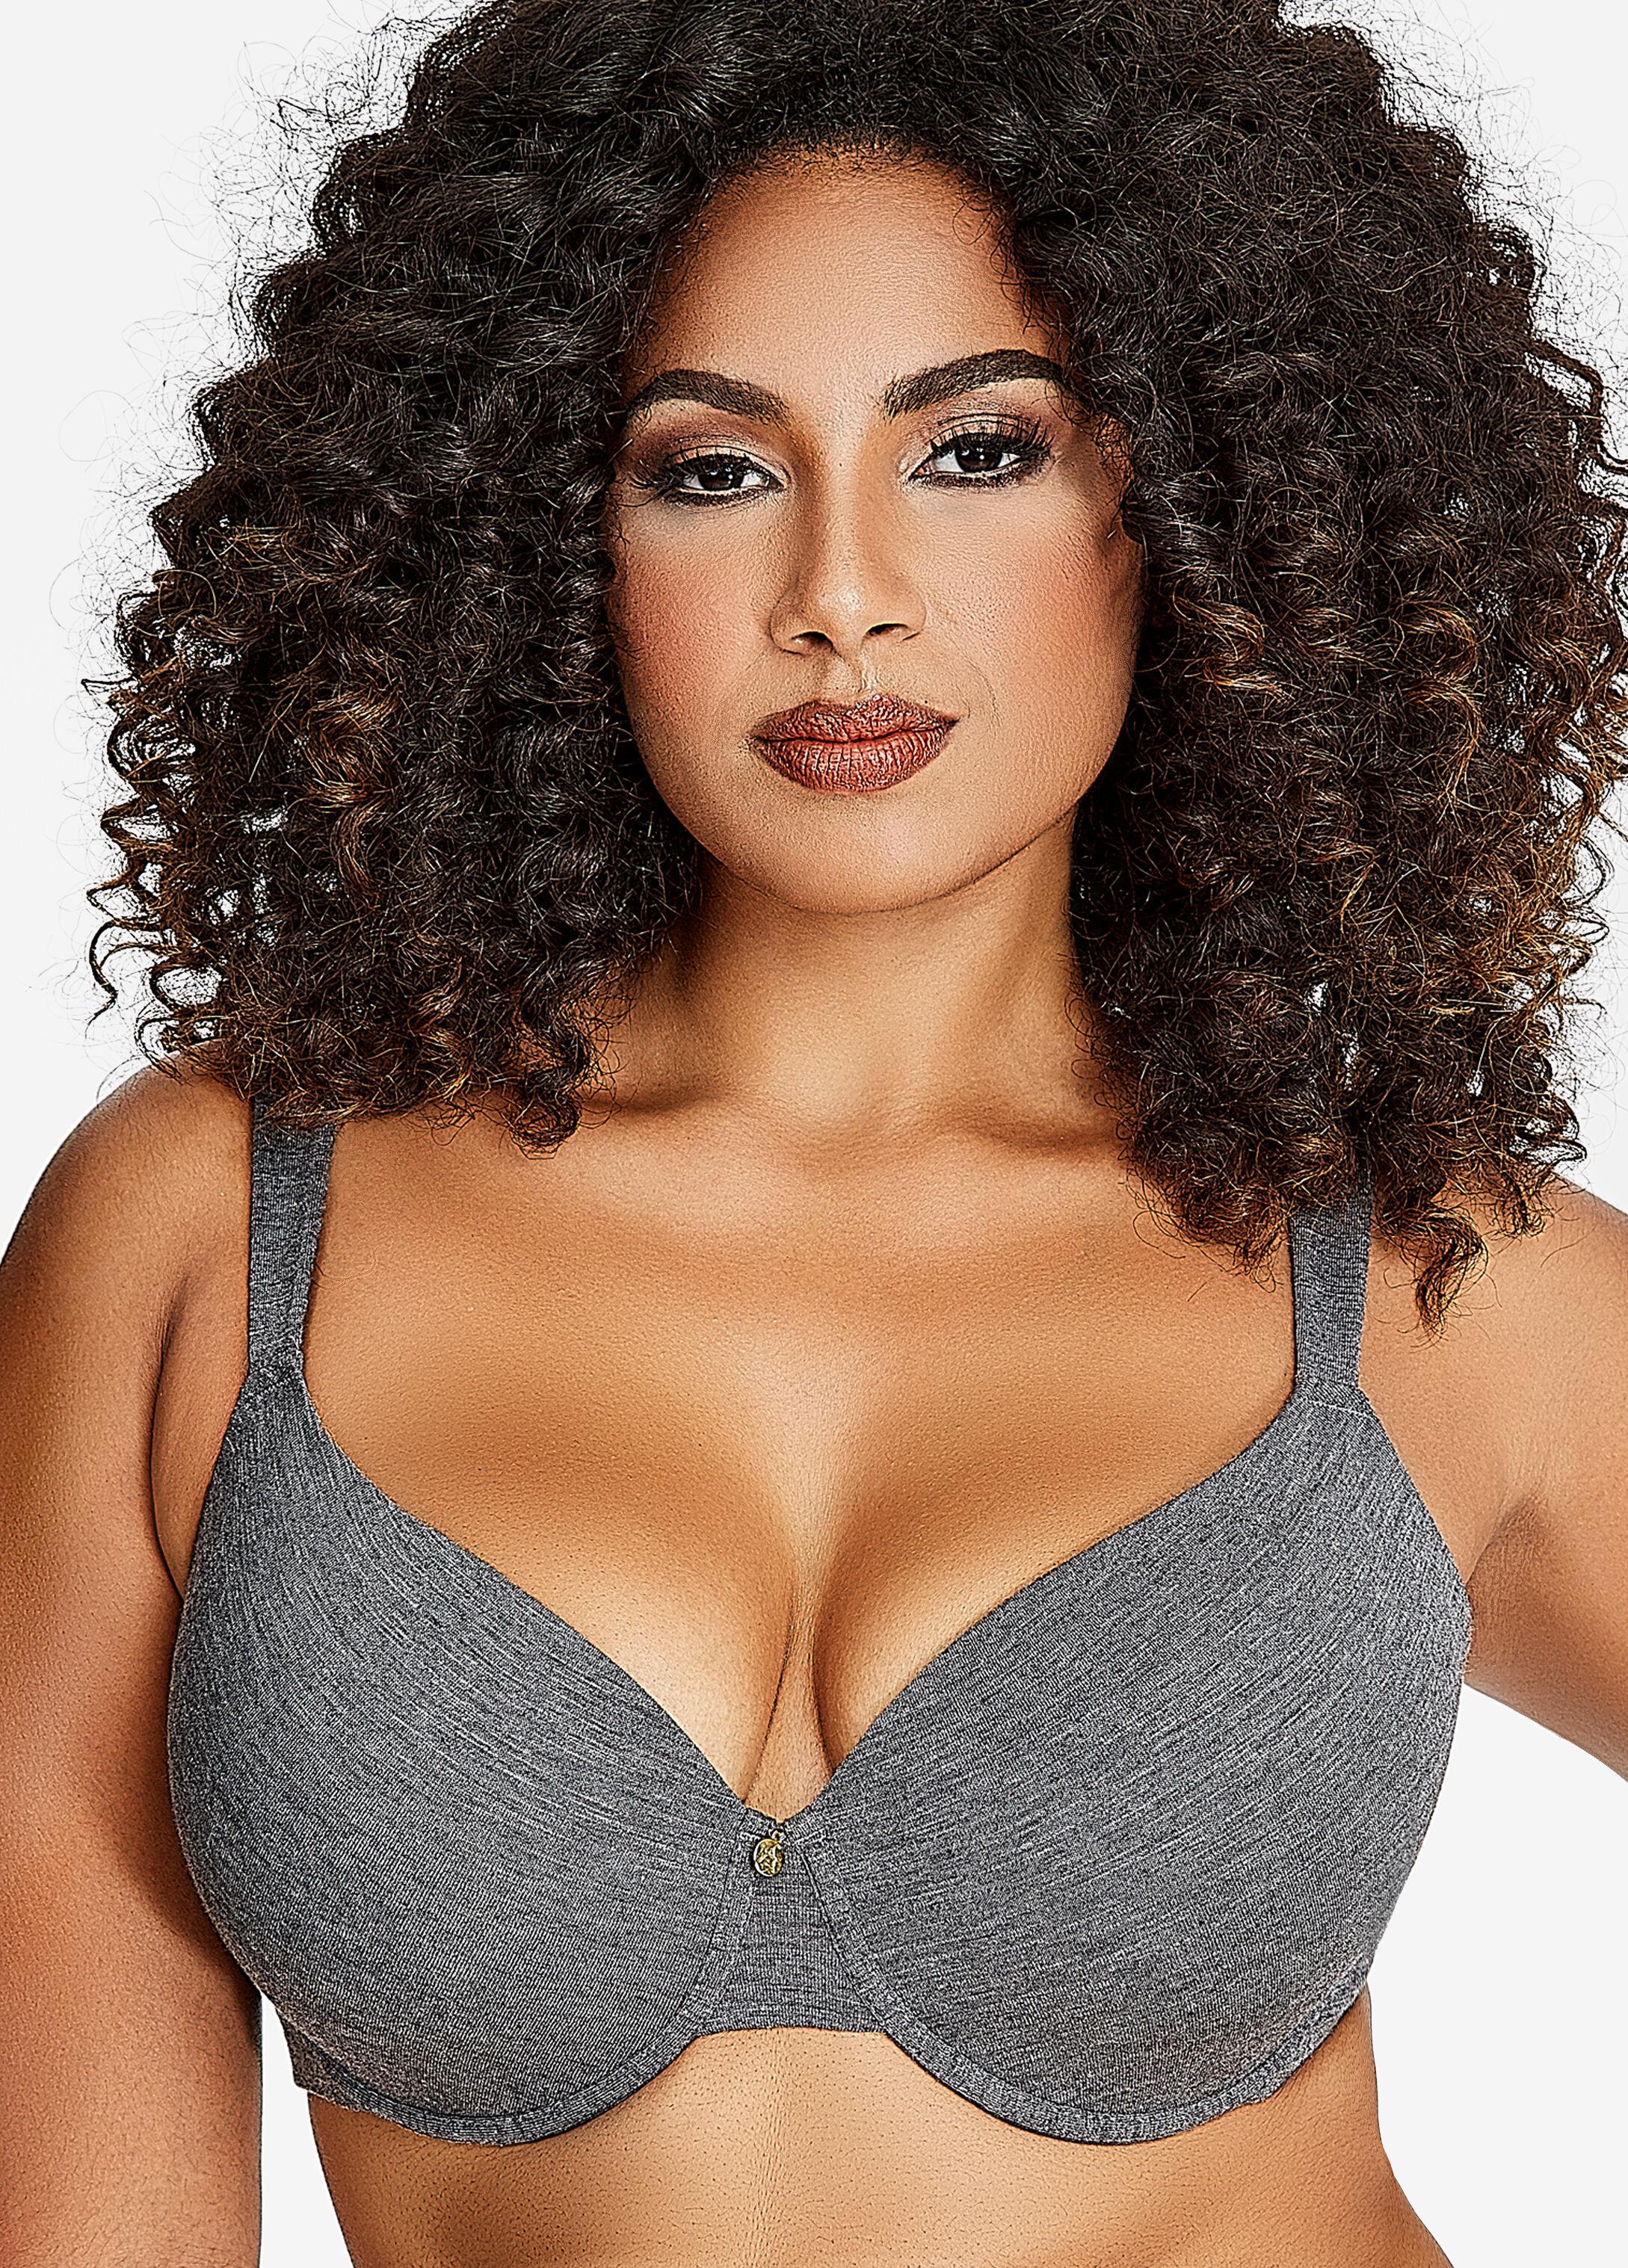 sexy plus size bras   38c, 38d, 38dd, 38ddd & more   ashley stewart